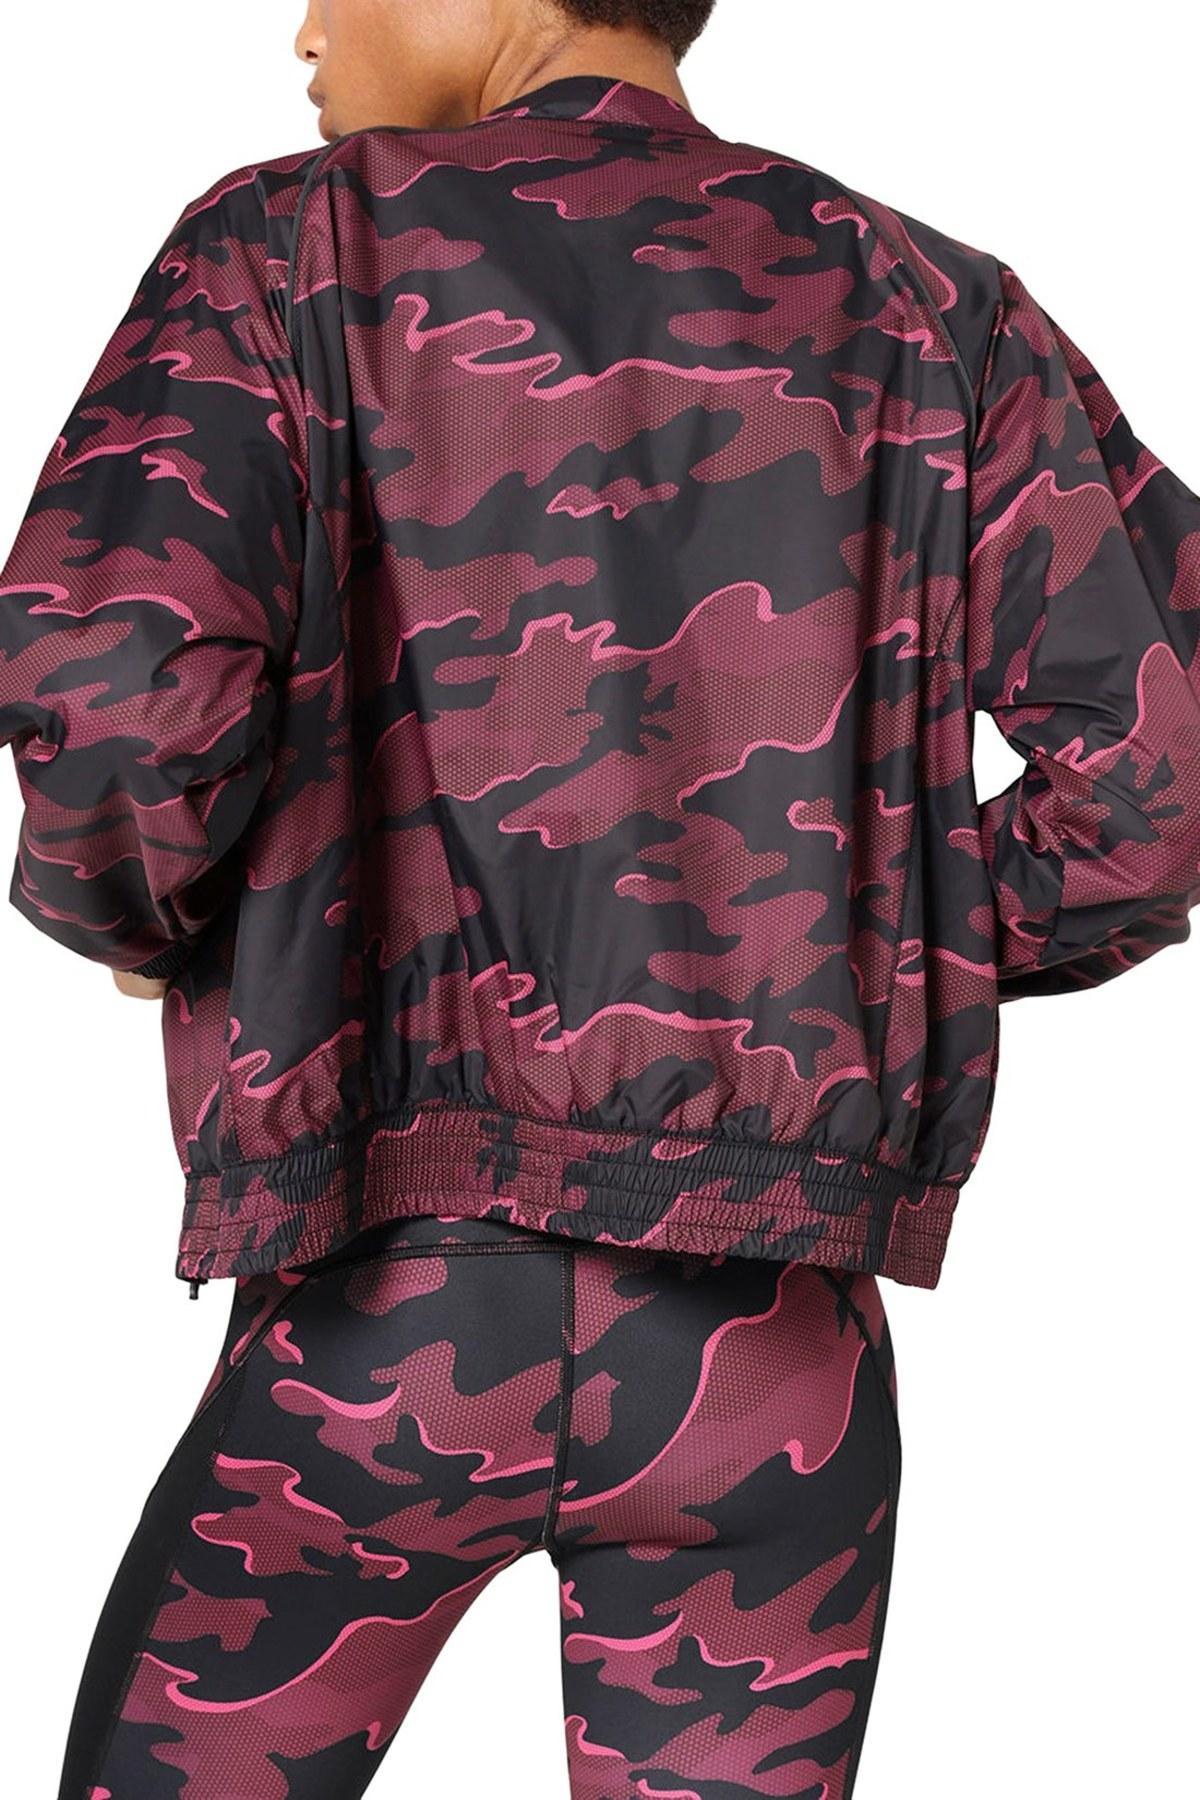 Lyst Ivy Park Camo Print Woven Bomber Jacket